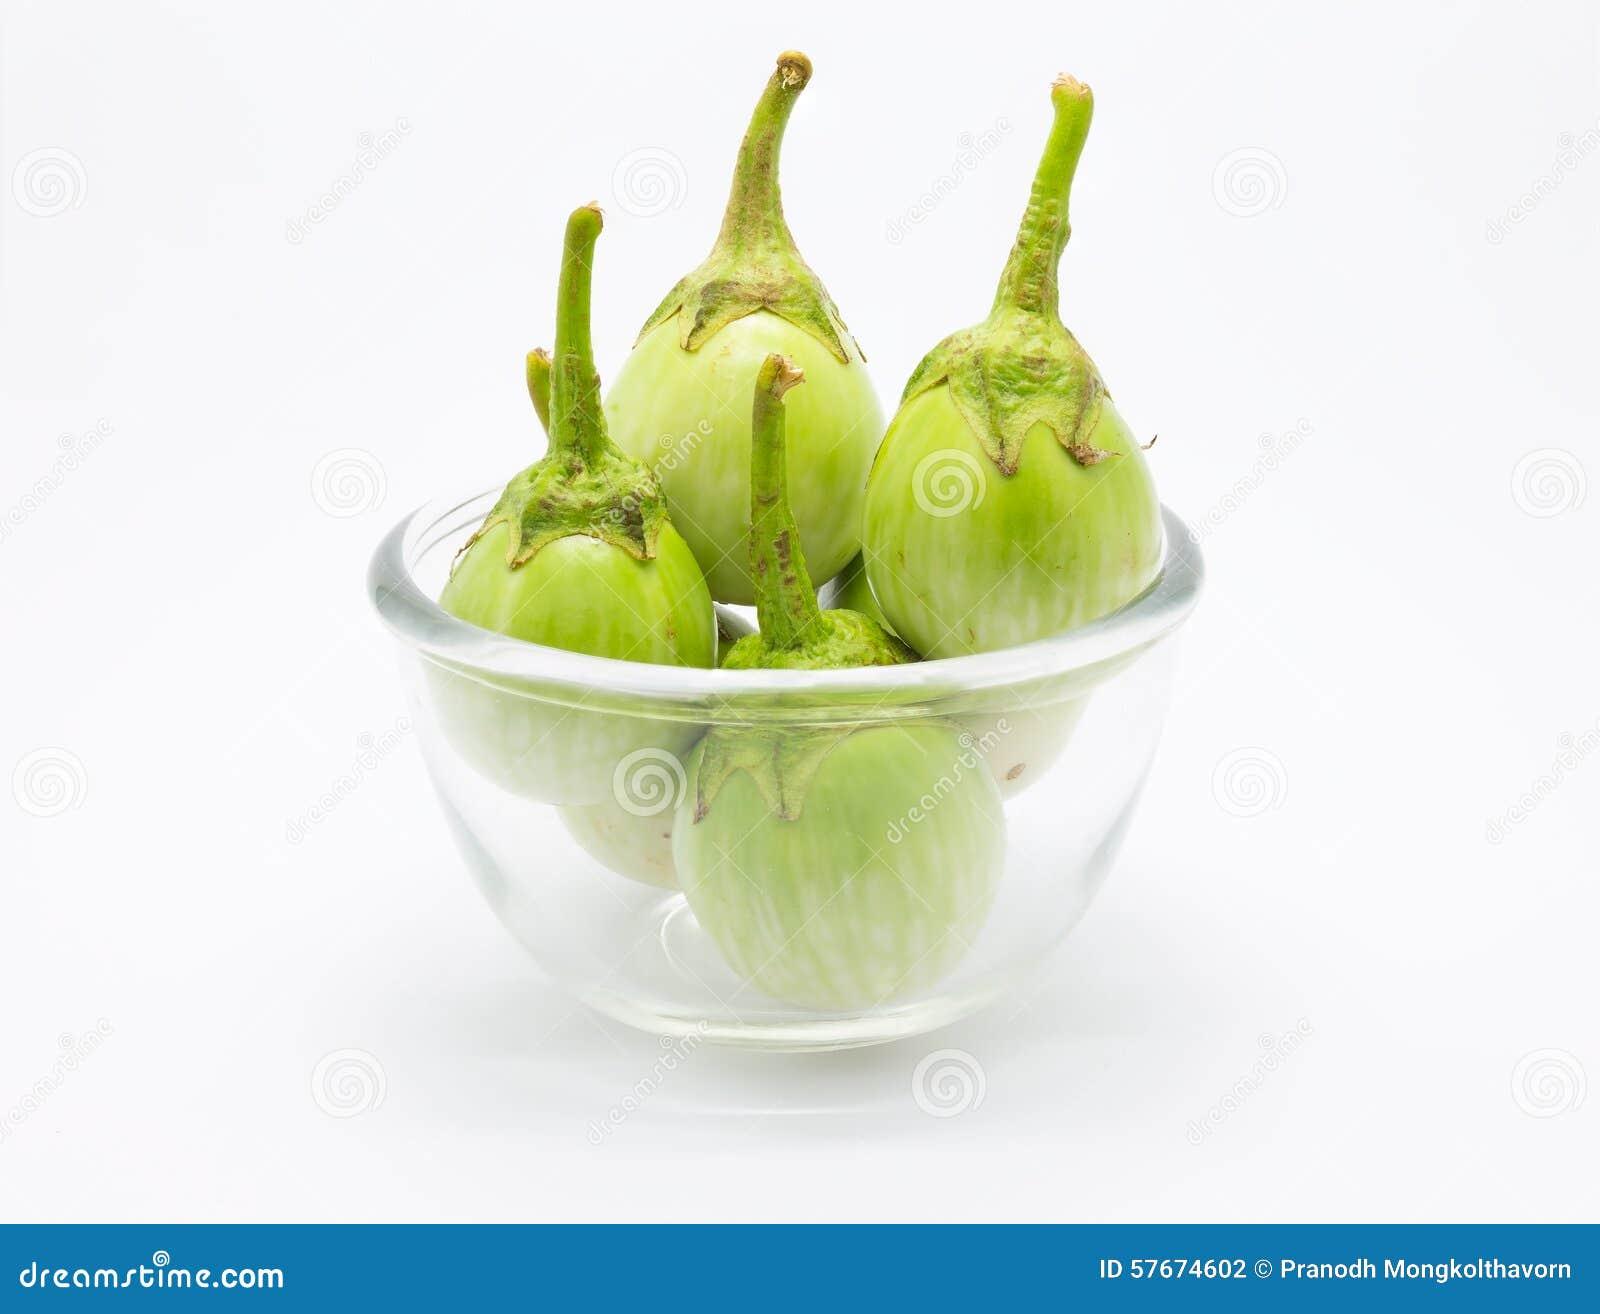 Κύπελλο της πράσινης μελιτζάνας